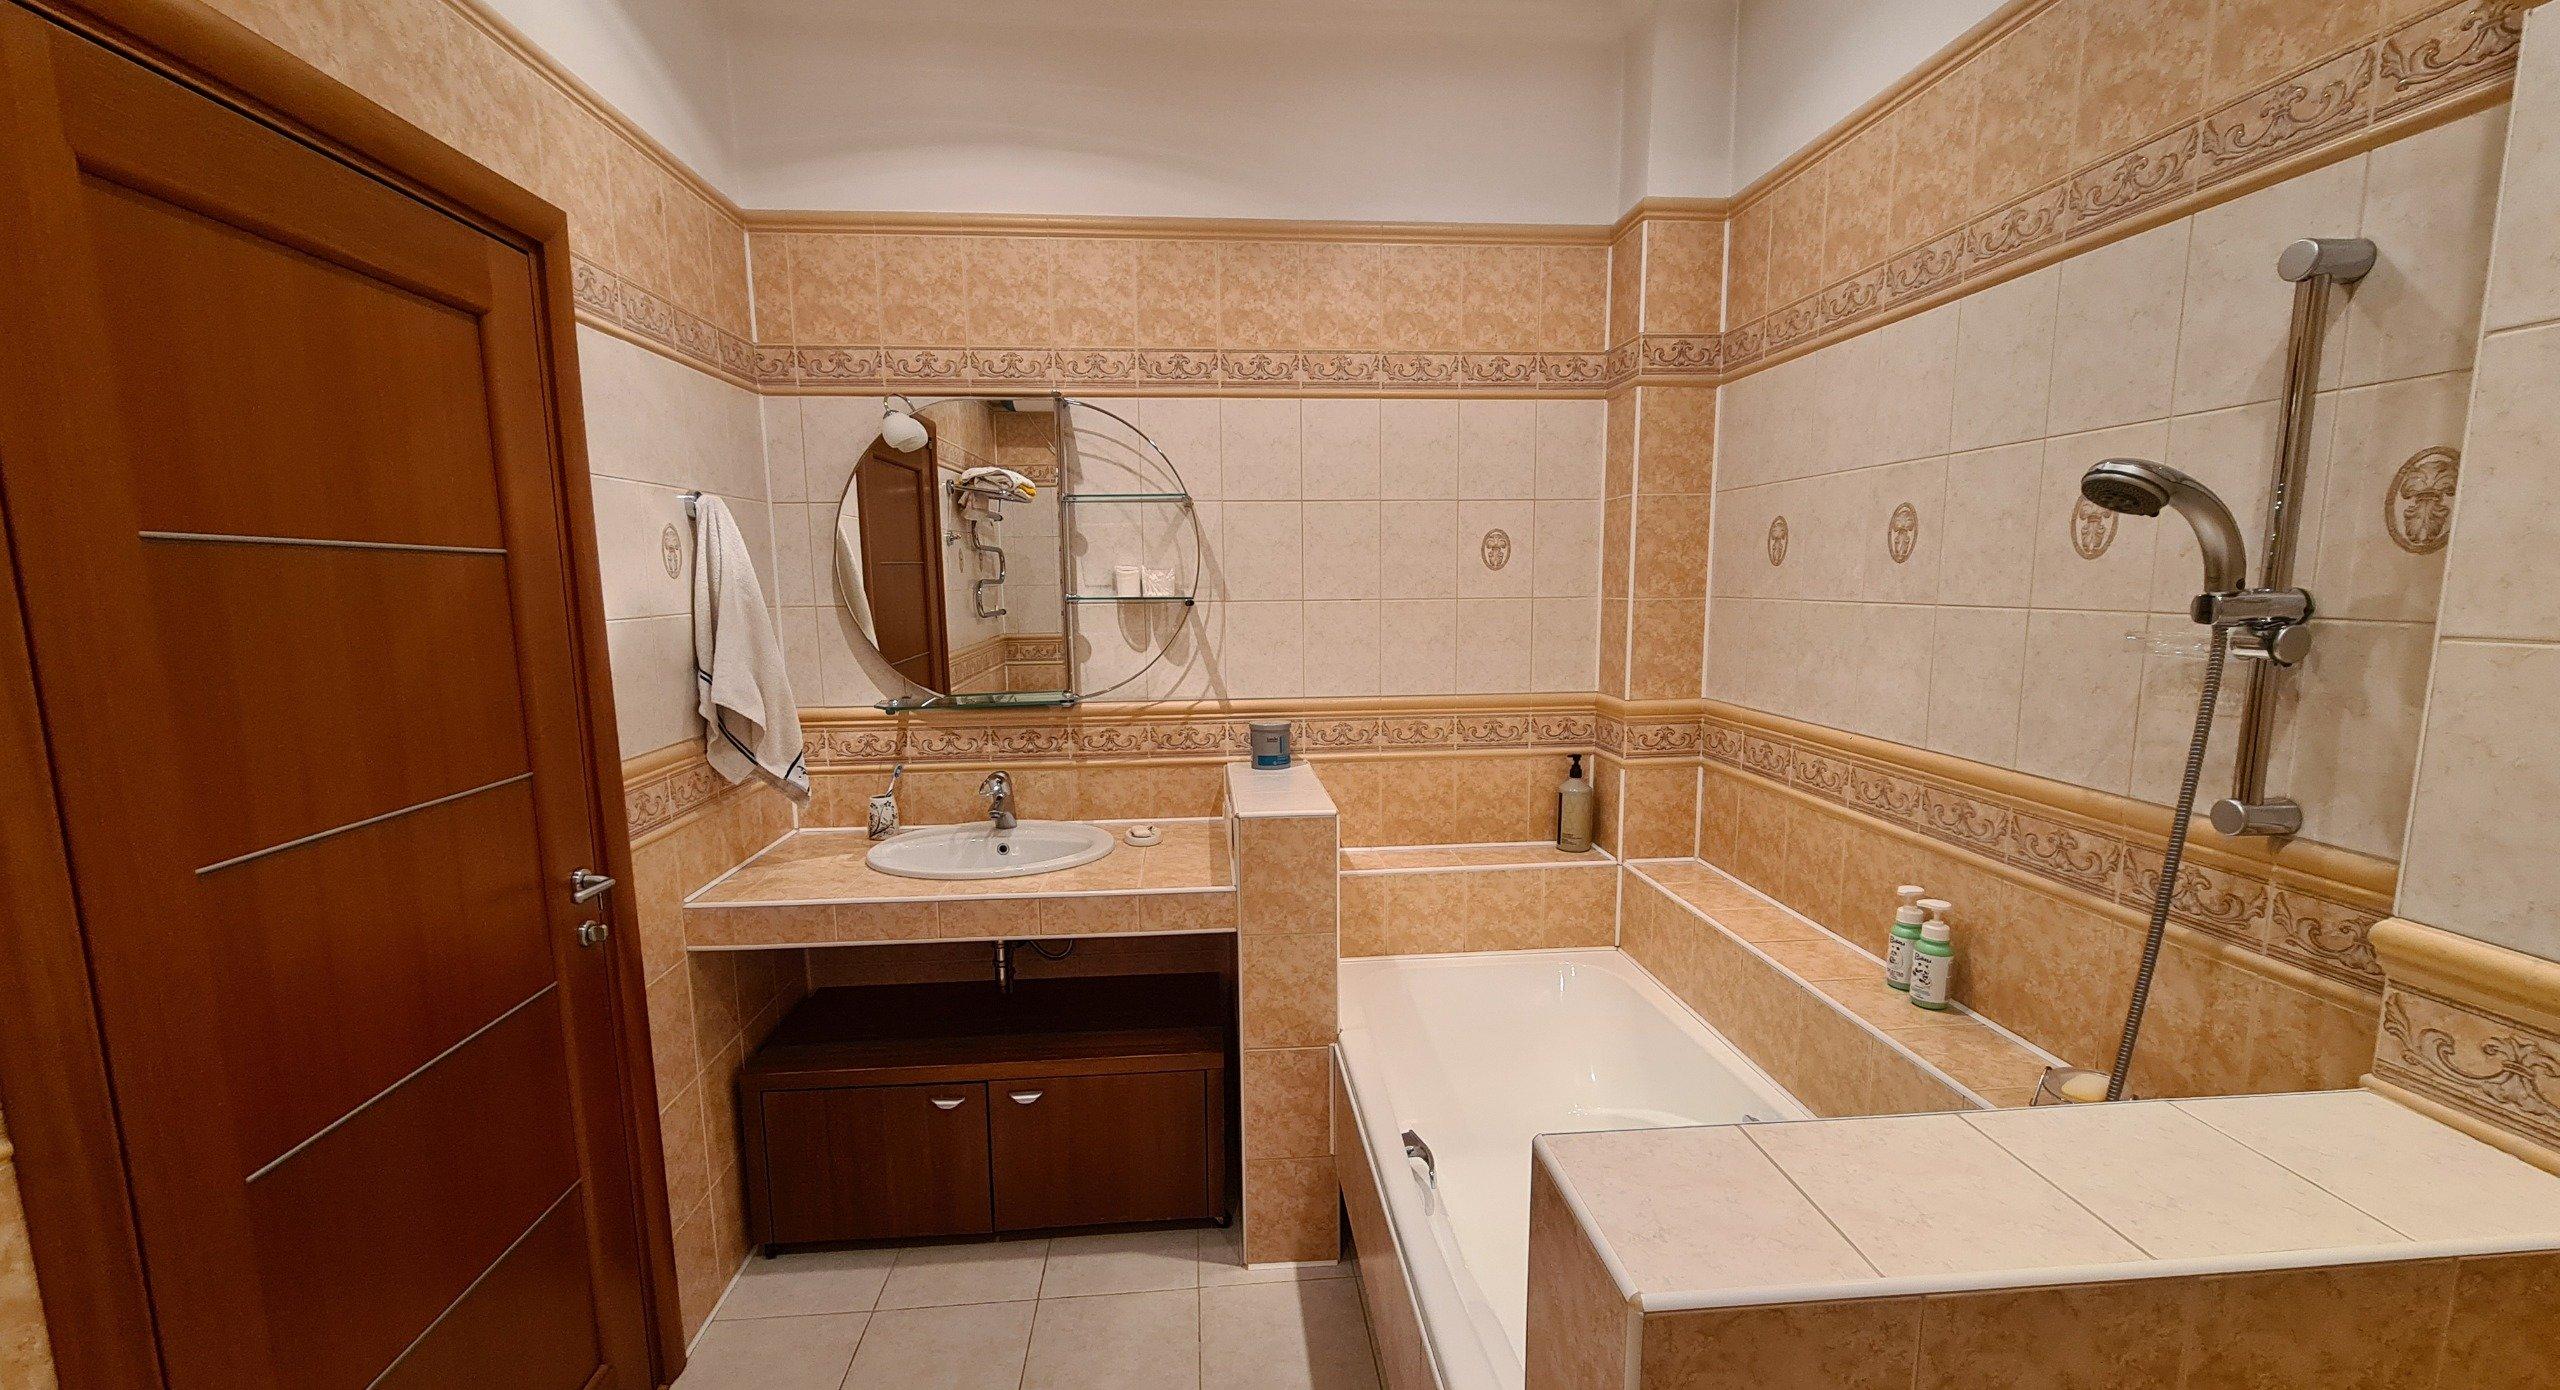 4к квартира ул Елены Стасовой, д 25 | 70000 | аренда в Красноярске фото 10